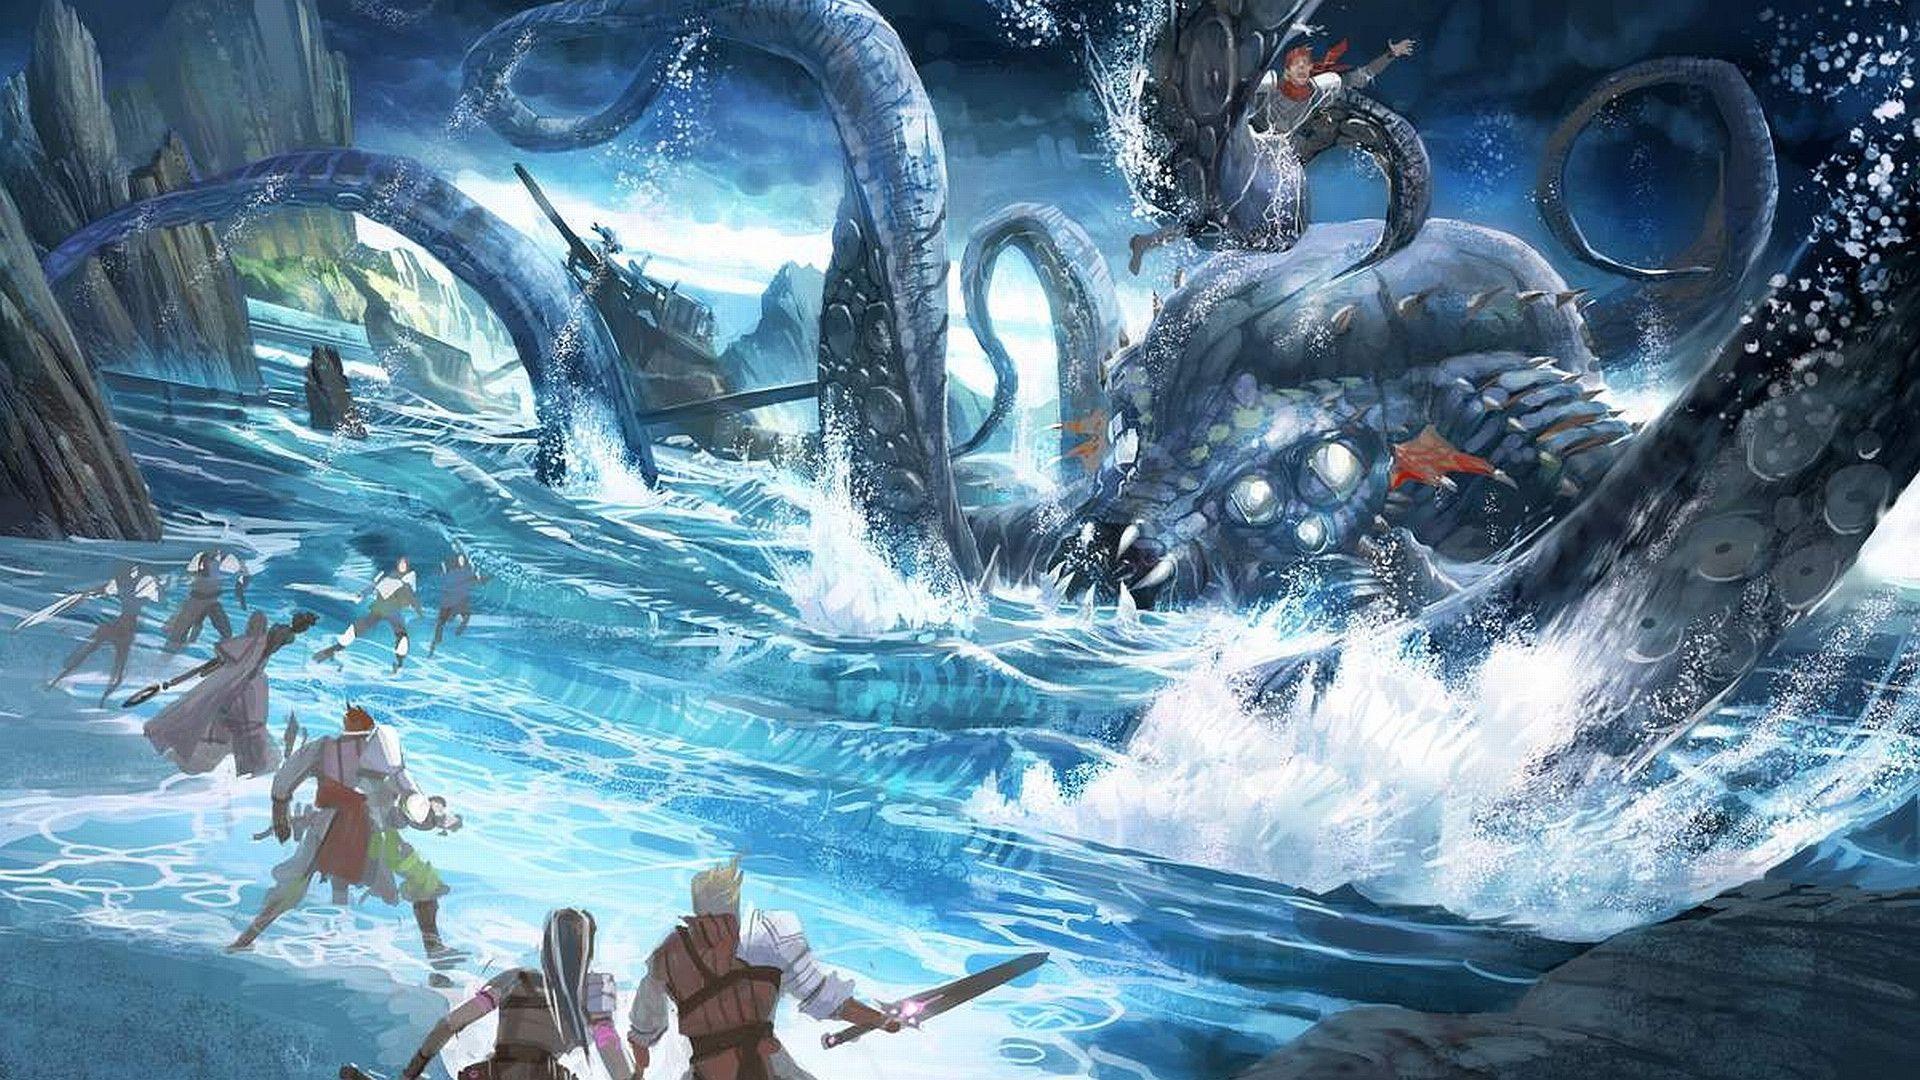 kraken wallpaper wallpapers jhonyvelascojpg - photo #4